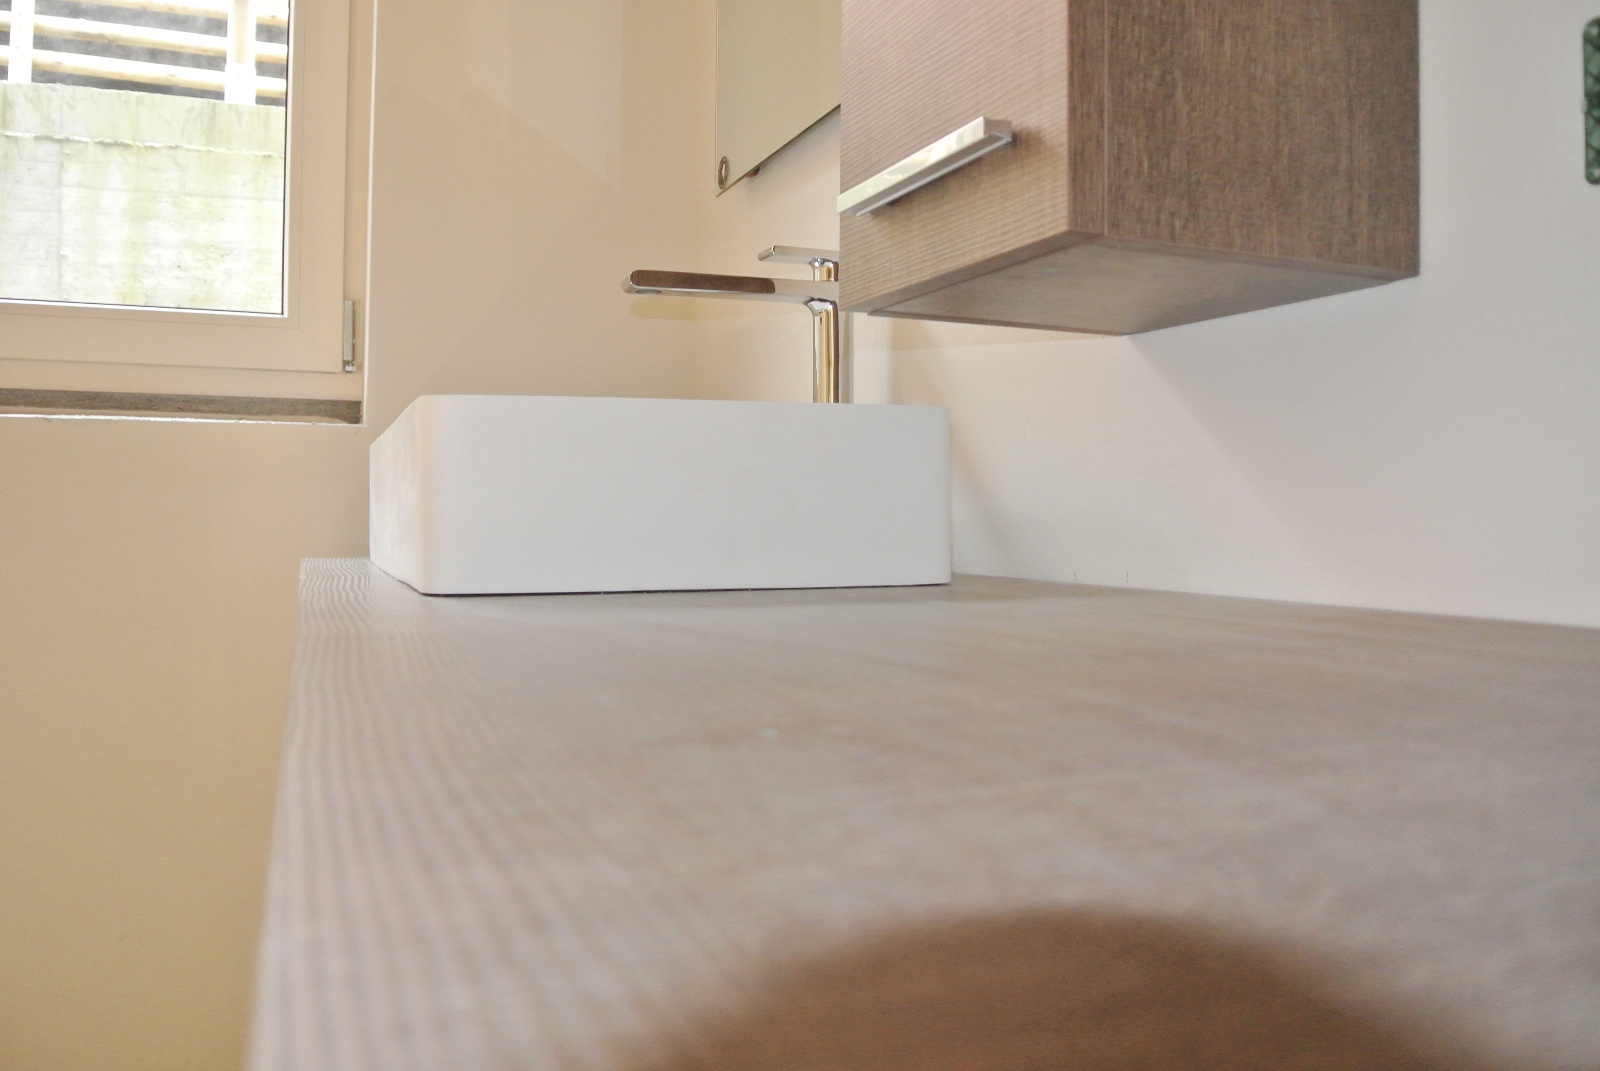 sintesibagno-verbania-arredobagno-lavabo-corian-miscelatore-lavabo-prolungato-bpnomi-bonny-piano-lavabo-laminato-matrix